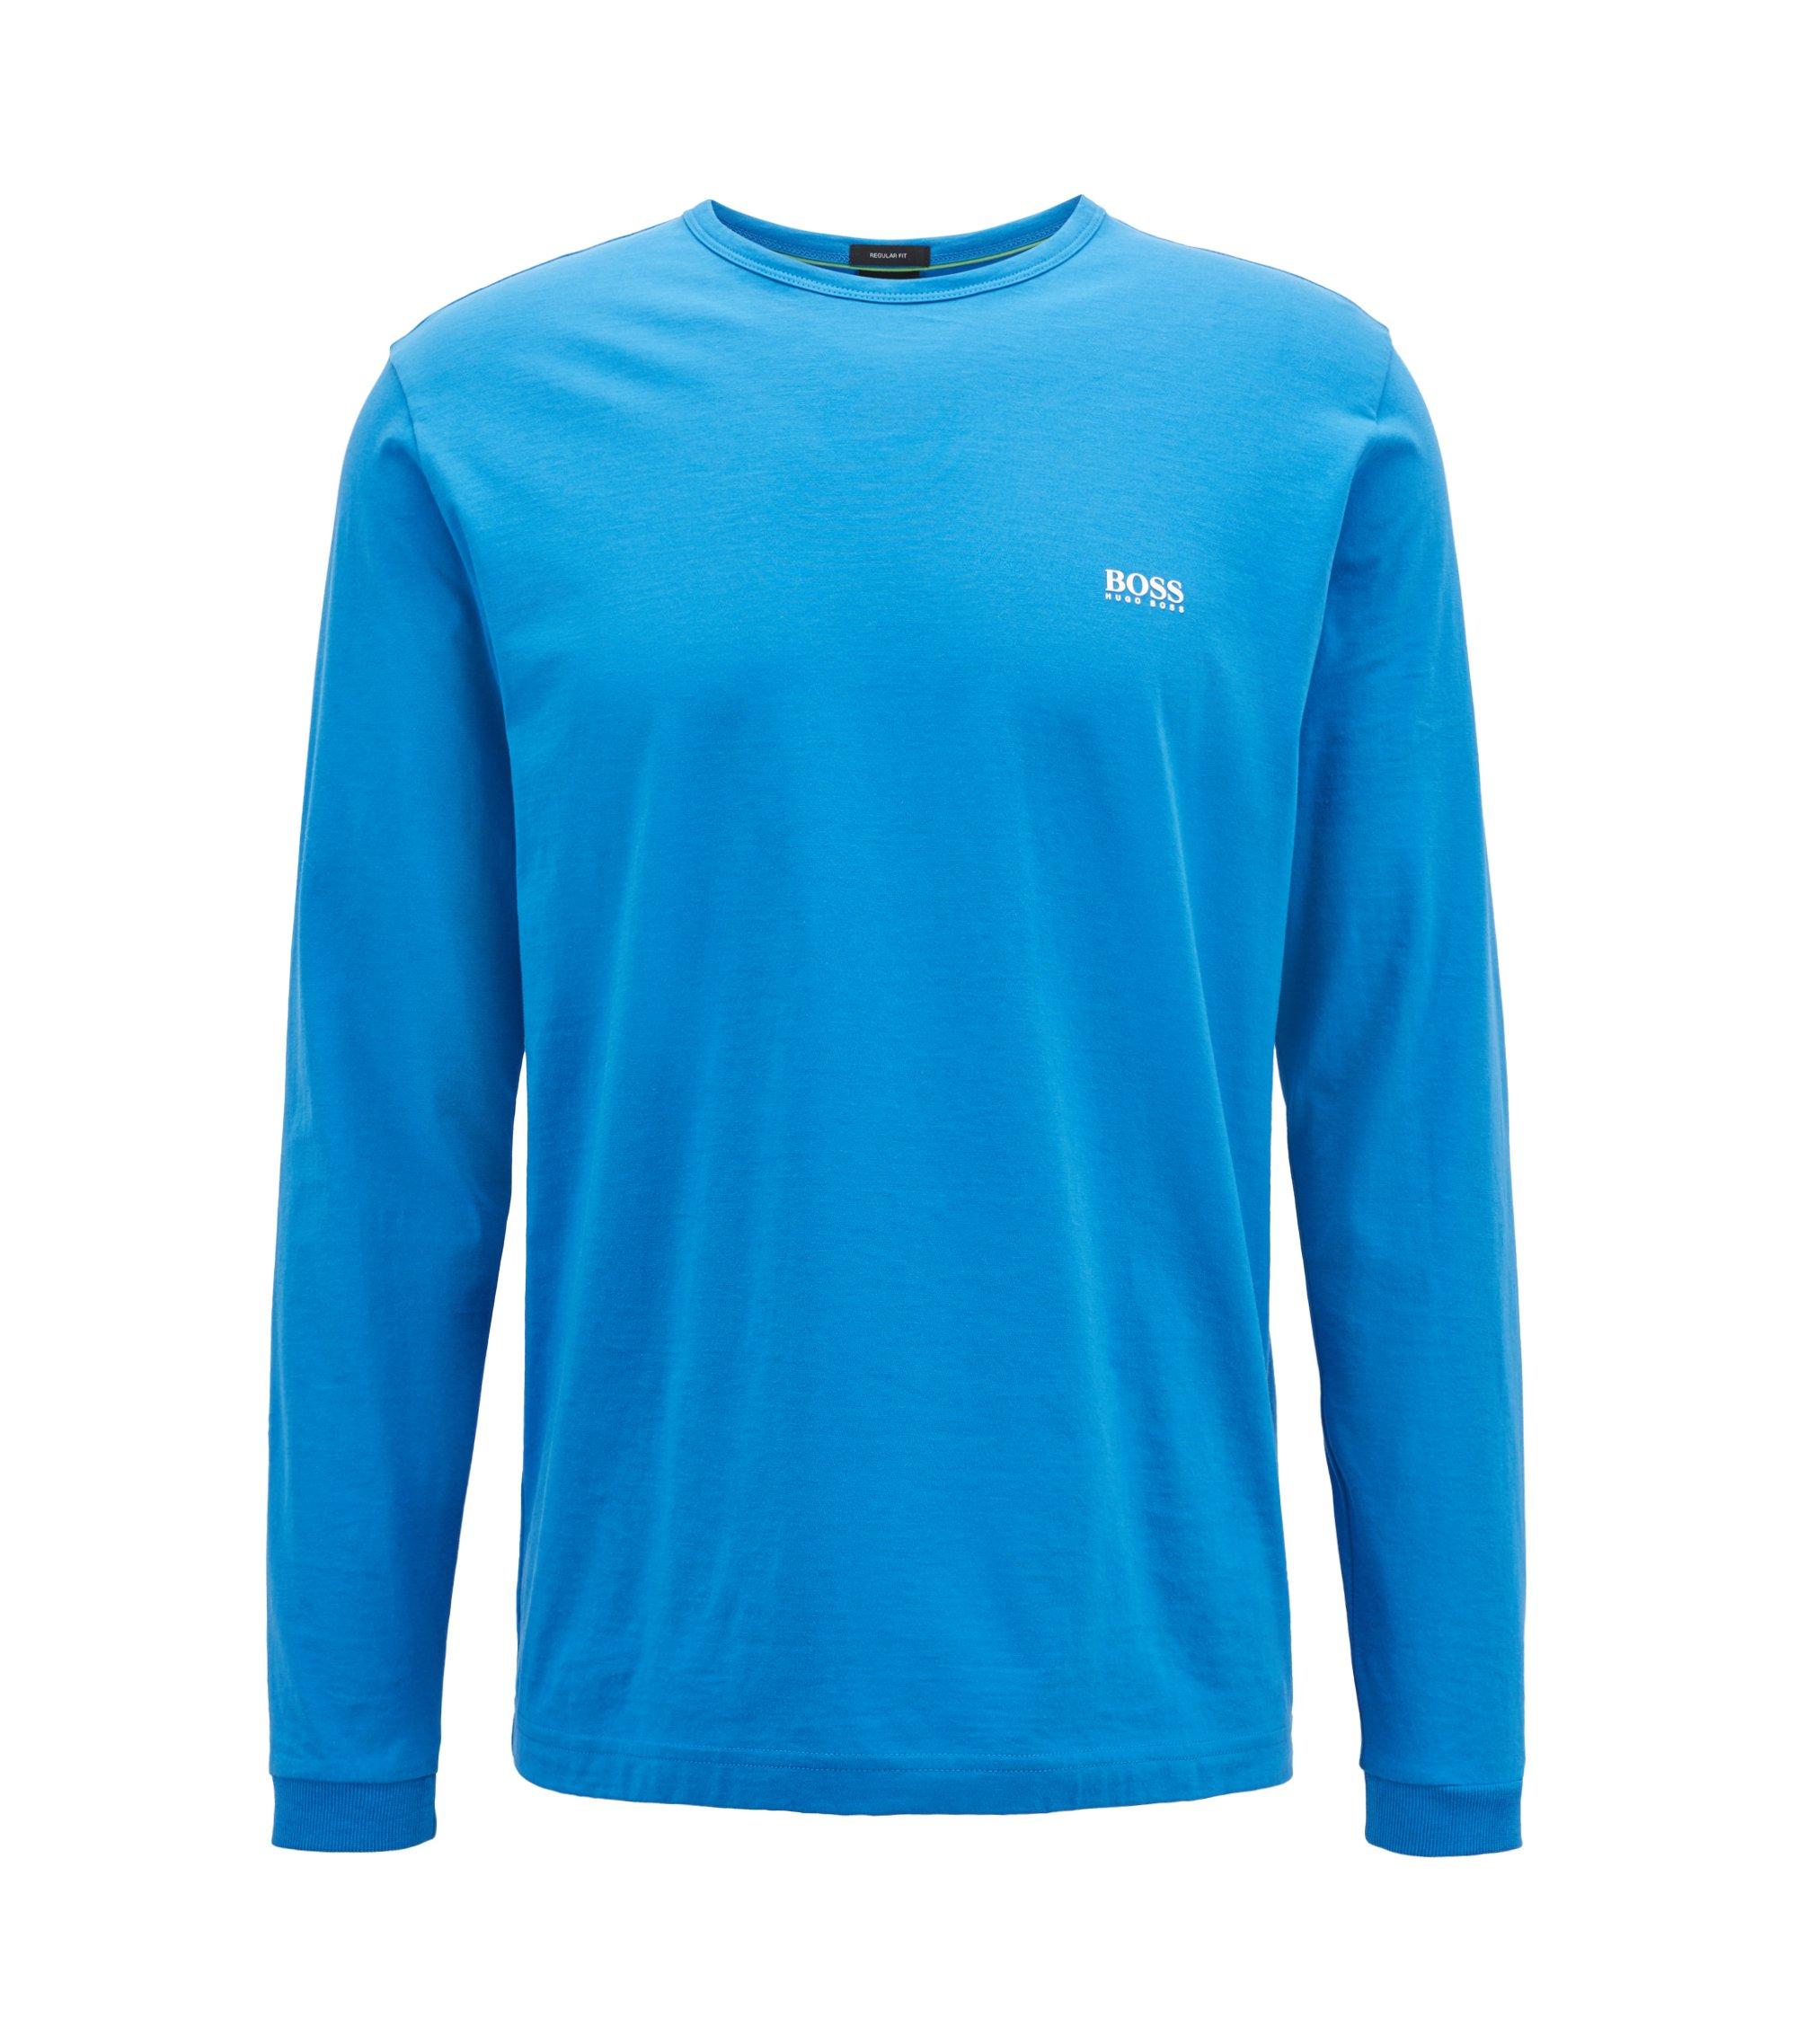 Longsleeve aus Baumwolle mit Logo-Dessin an der Schulter, Blau